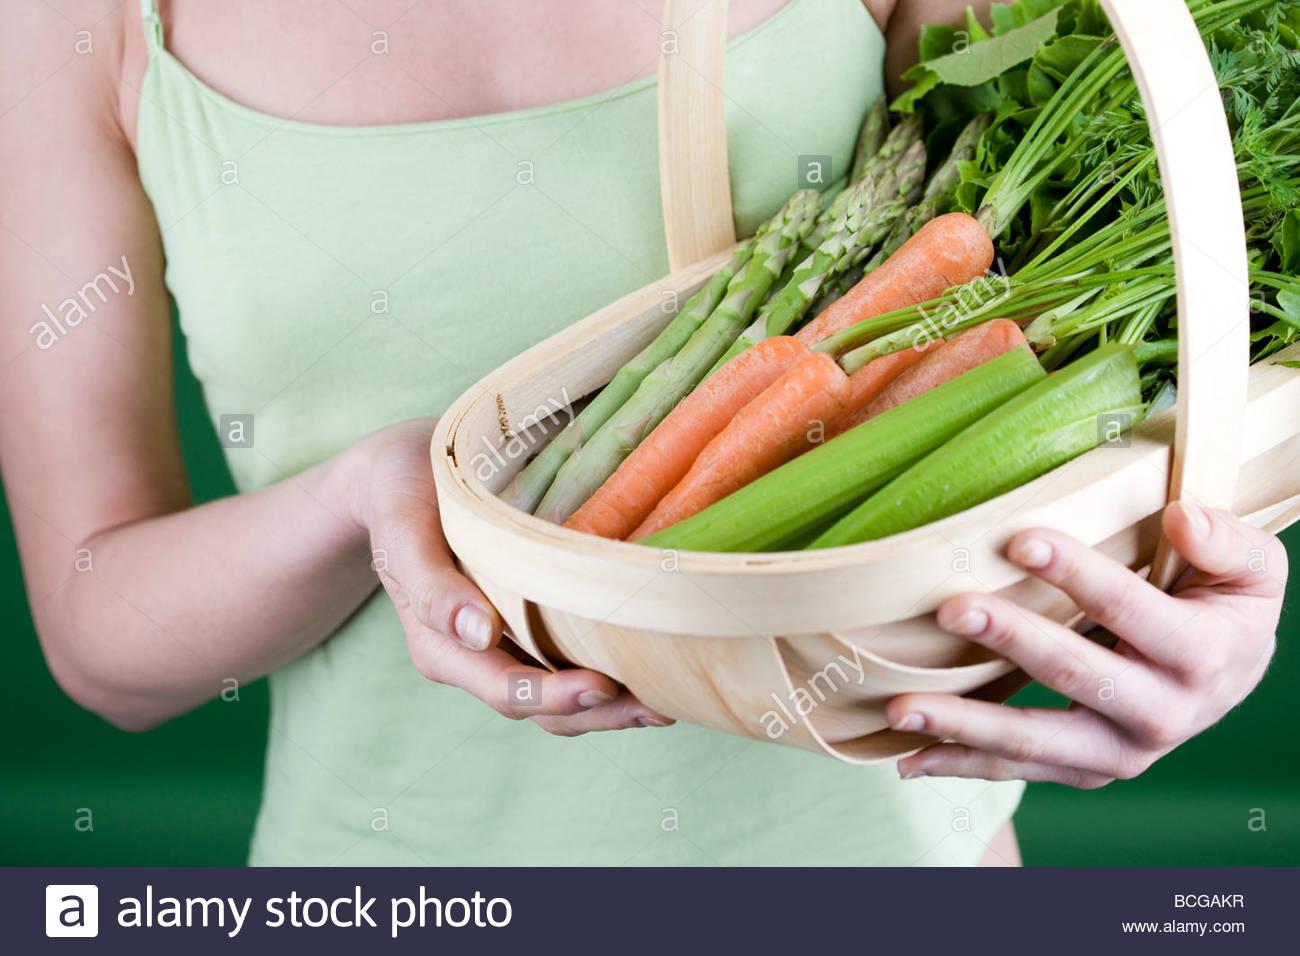 Una giovane donna tenendo un cesto pieno di verdure Immagini Stock